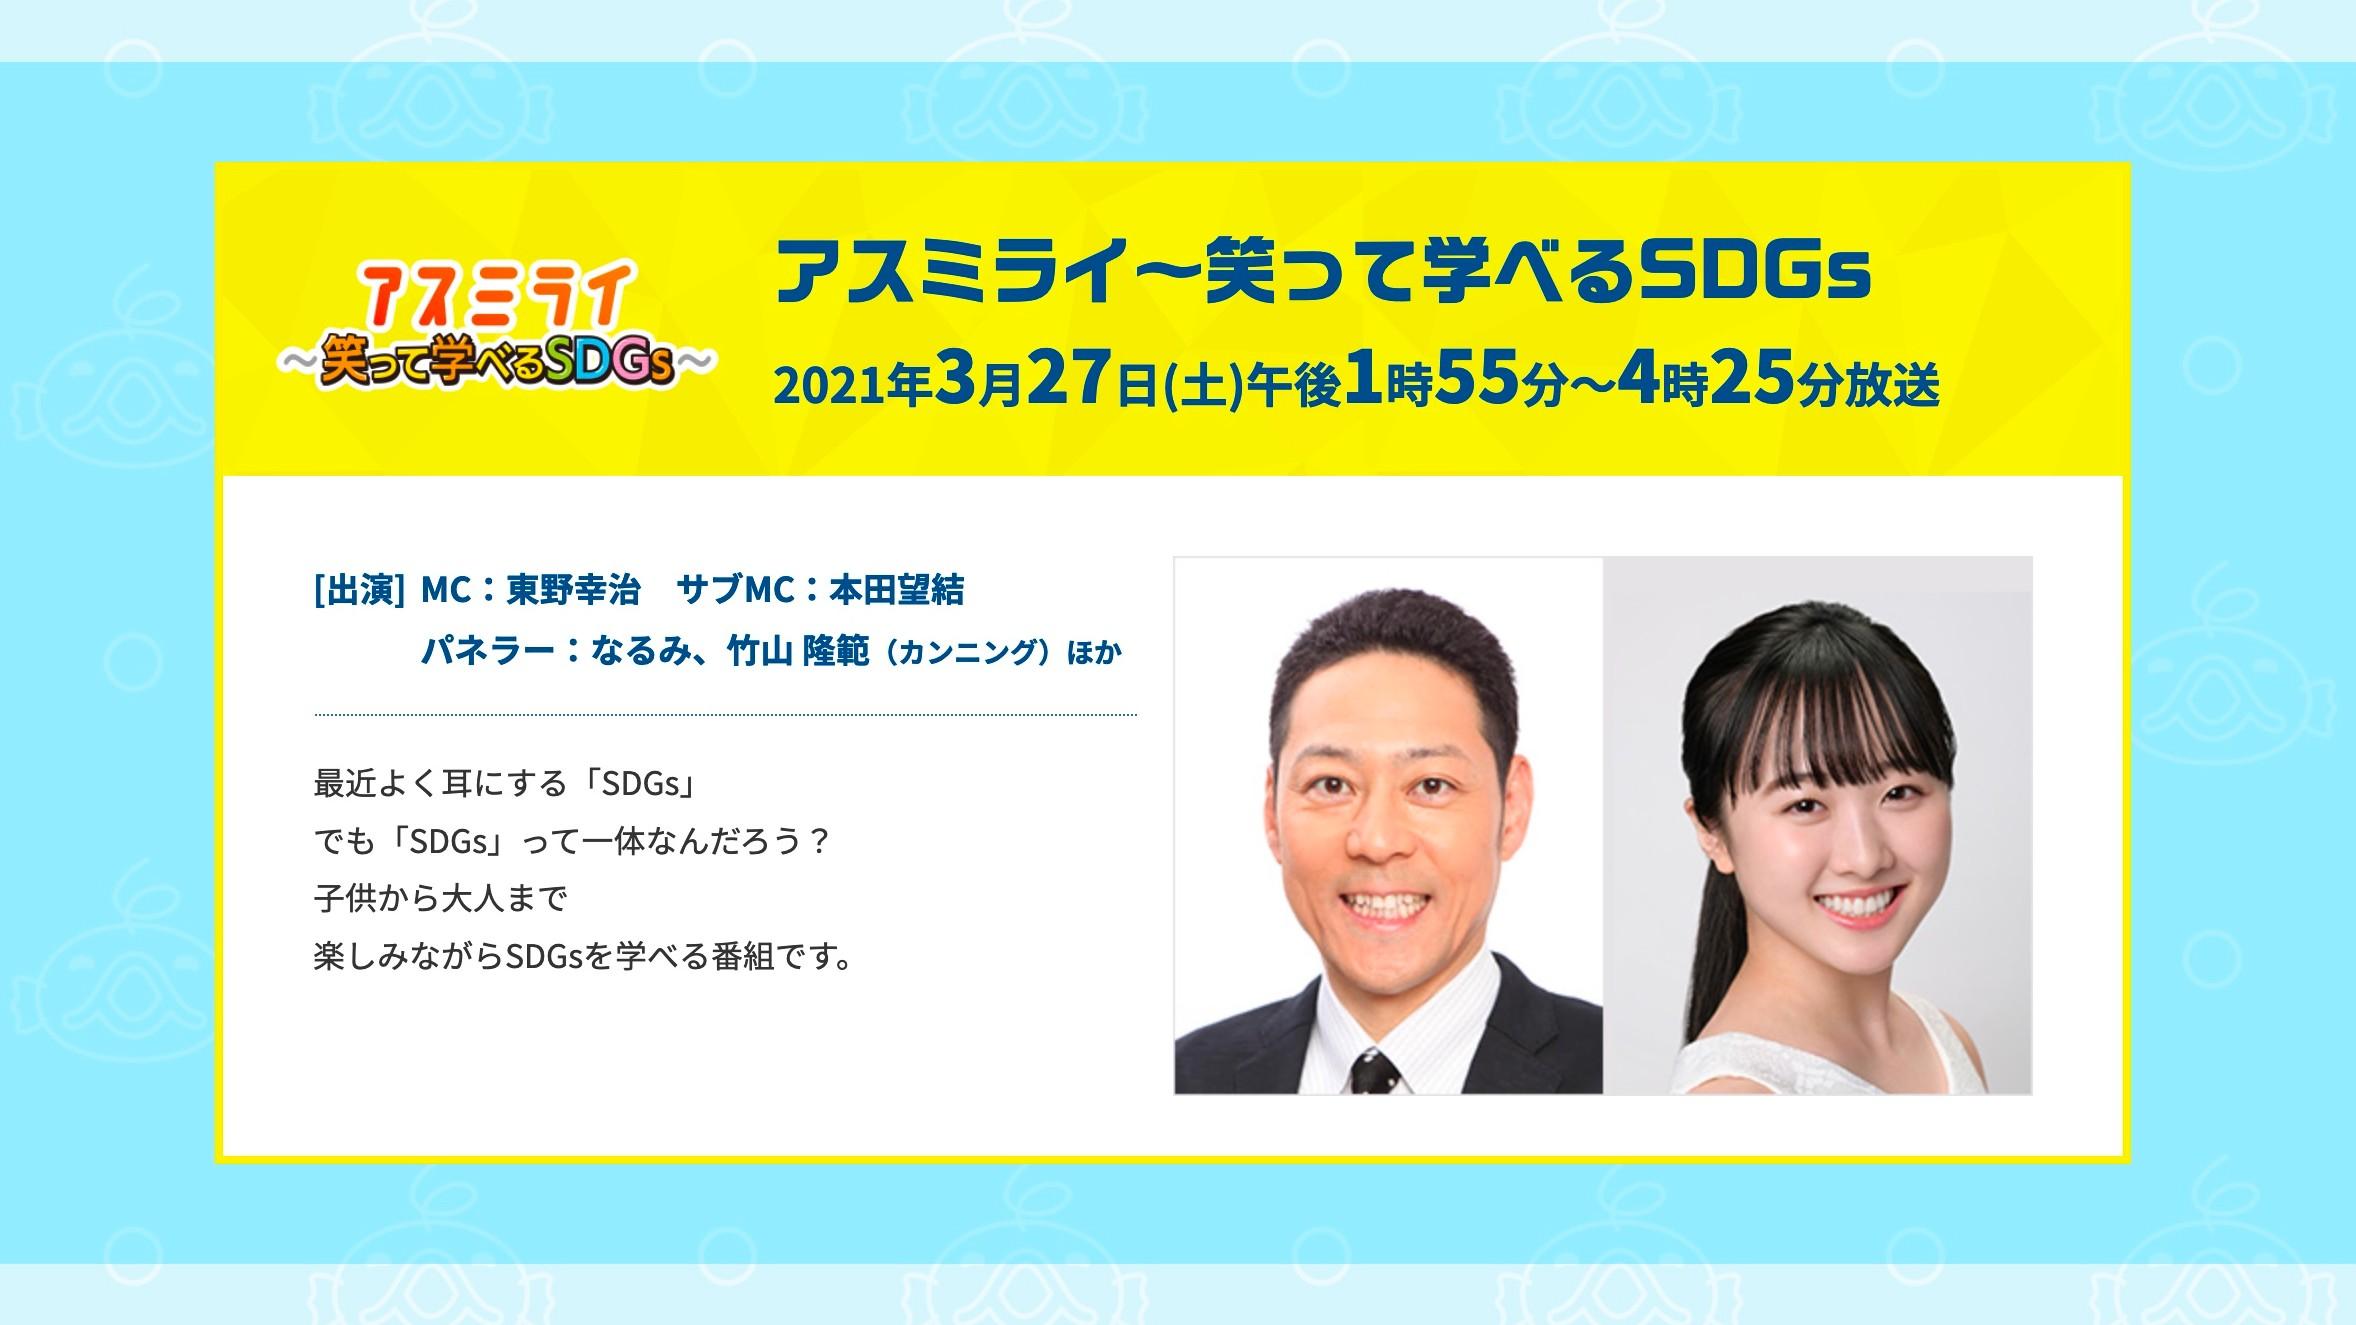 【小嶋花梨】3月27日放送ABCテレビ「アスミライ~笑って学べるSDGs」にこじりんが出演の模様